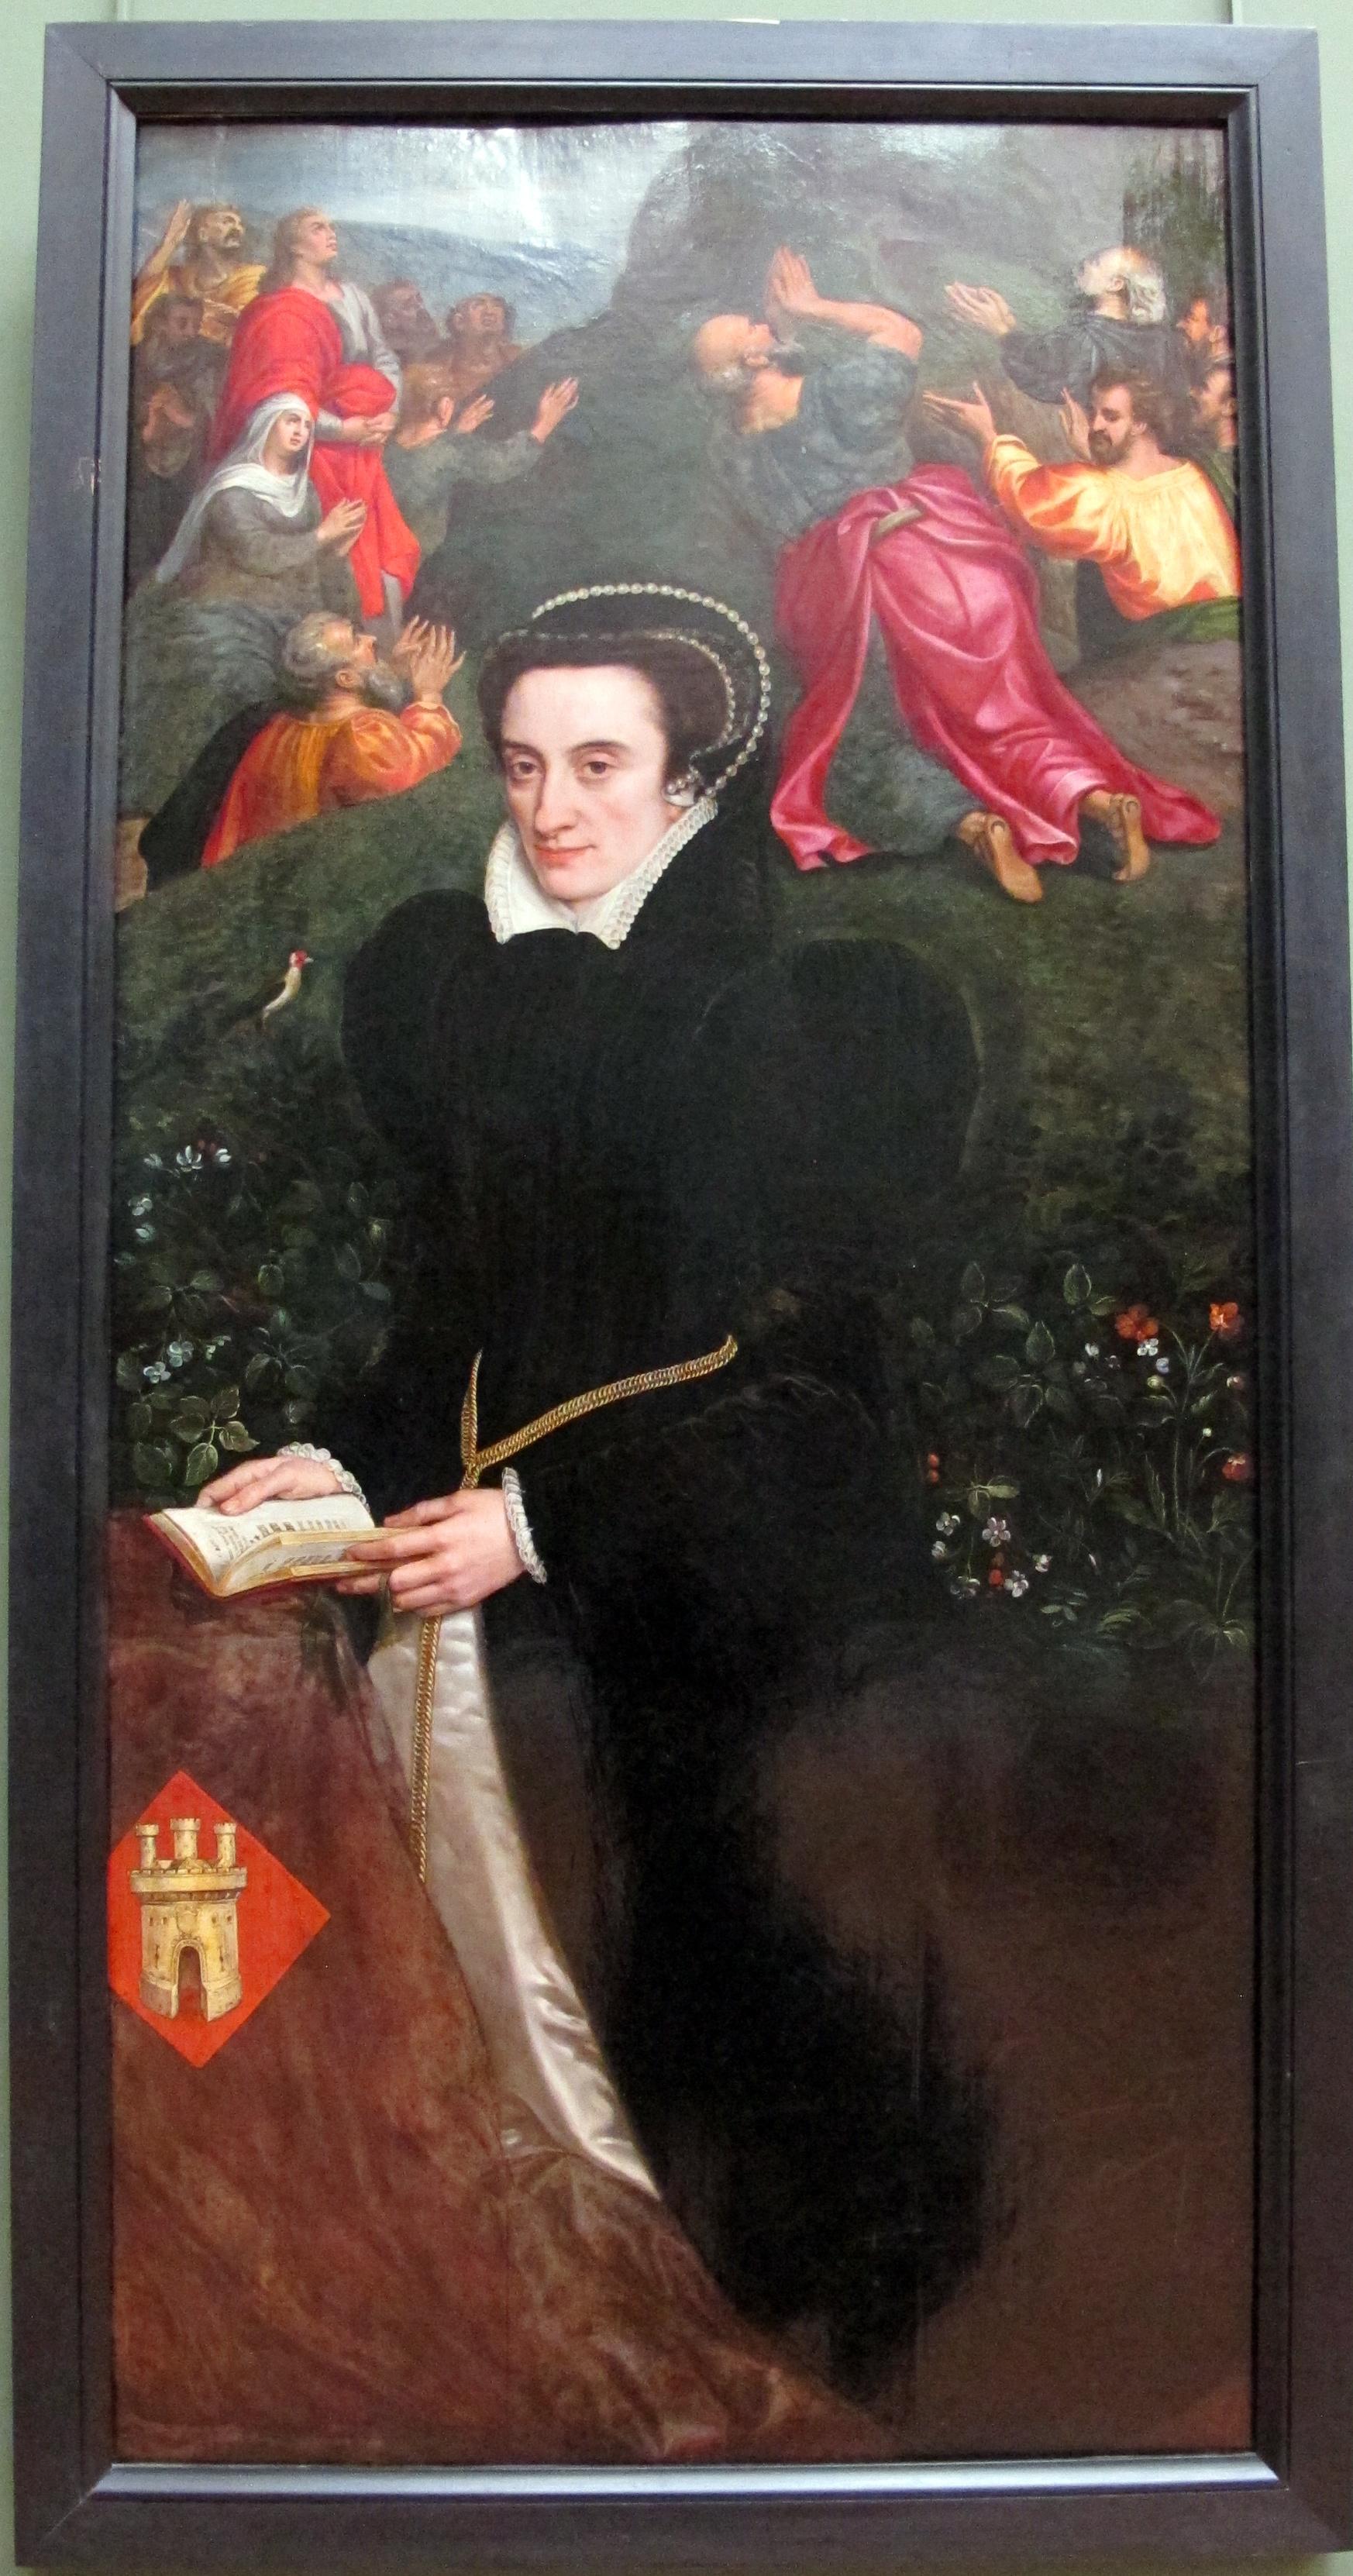 Leonor lópez de Villanueva, wife of Antonio del Rio